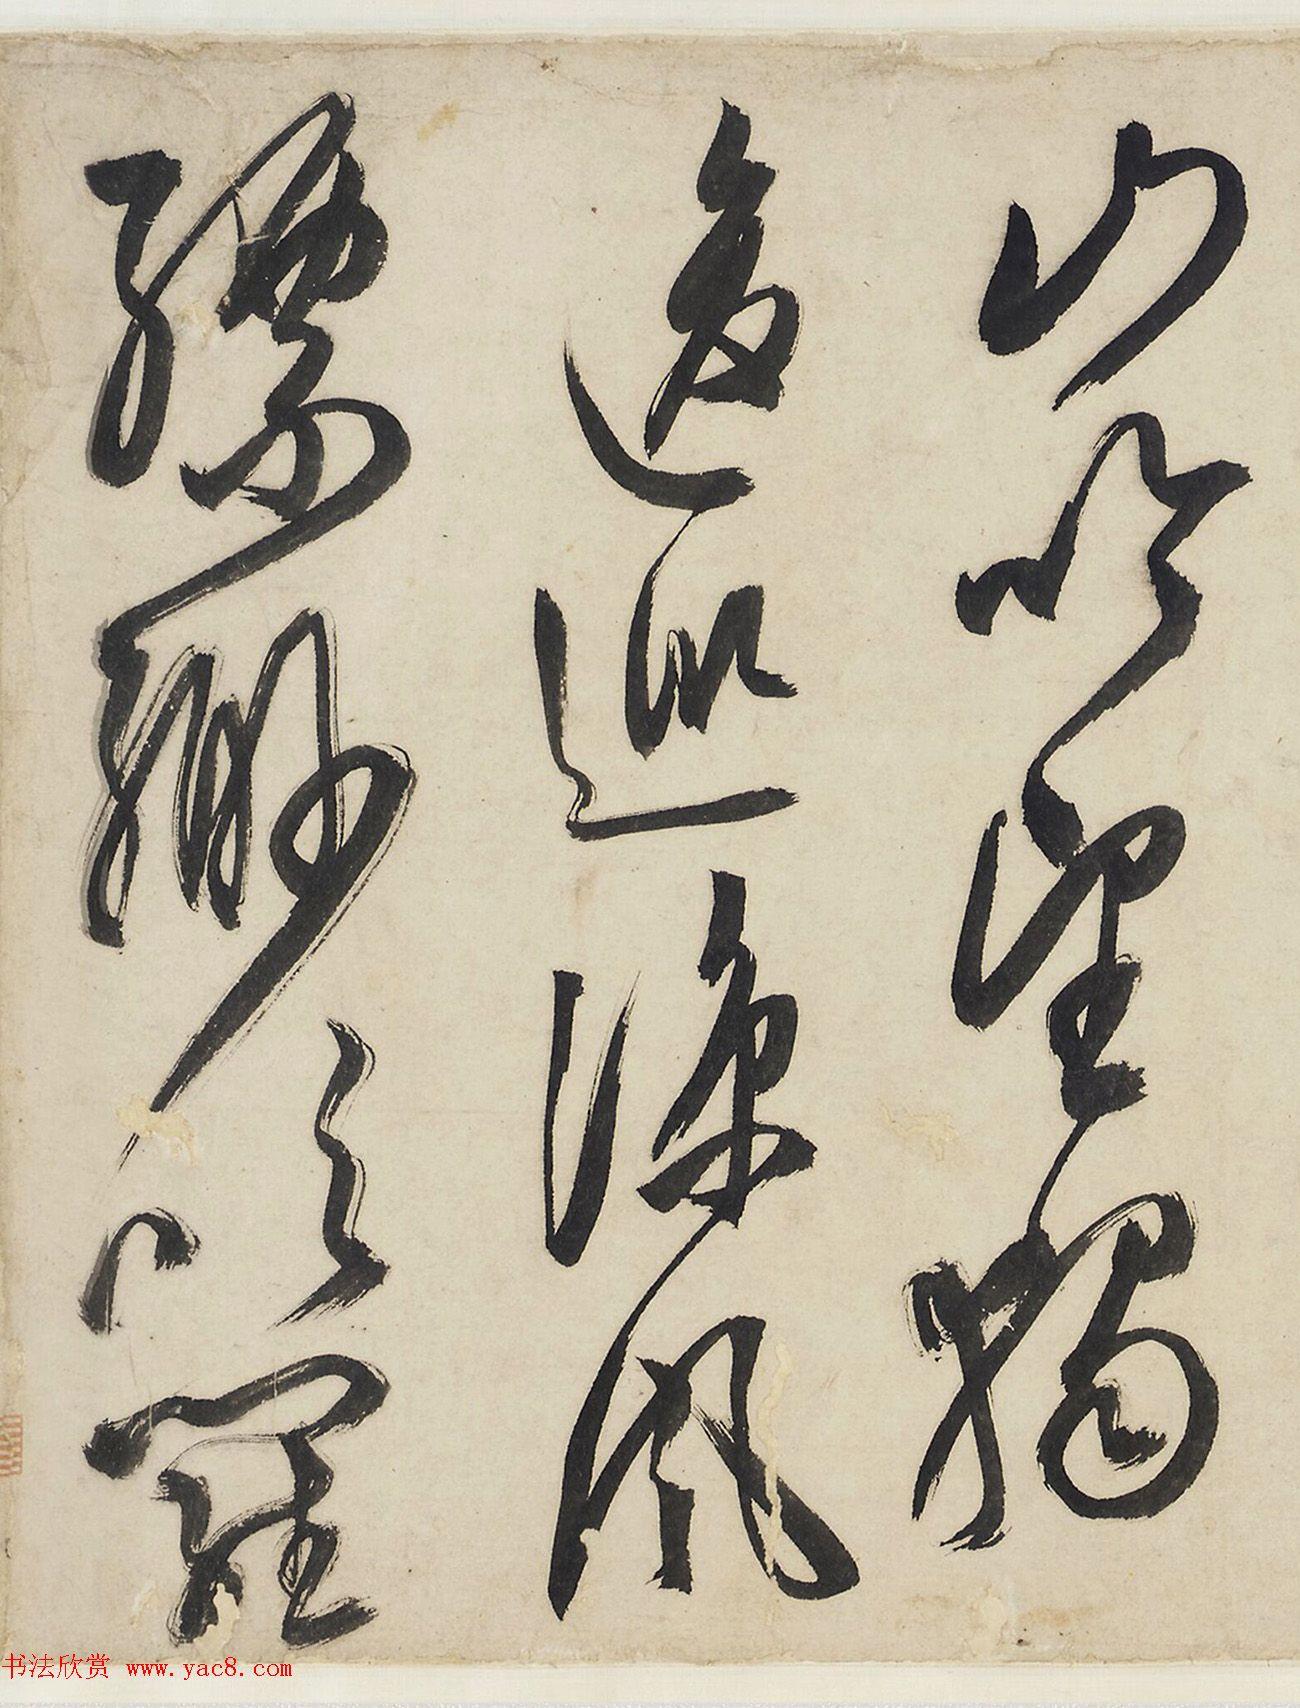 文徵明草书诗四首手卷(美国藏)